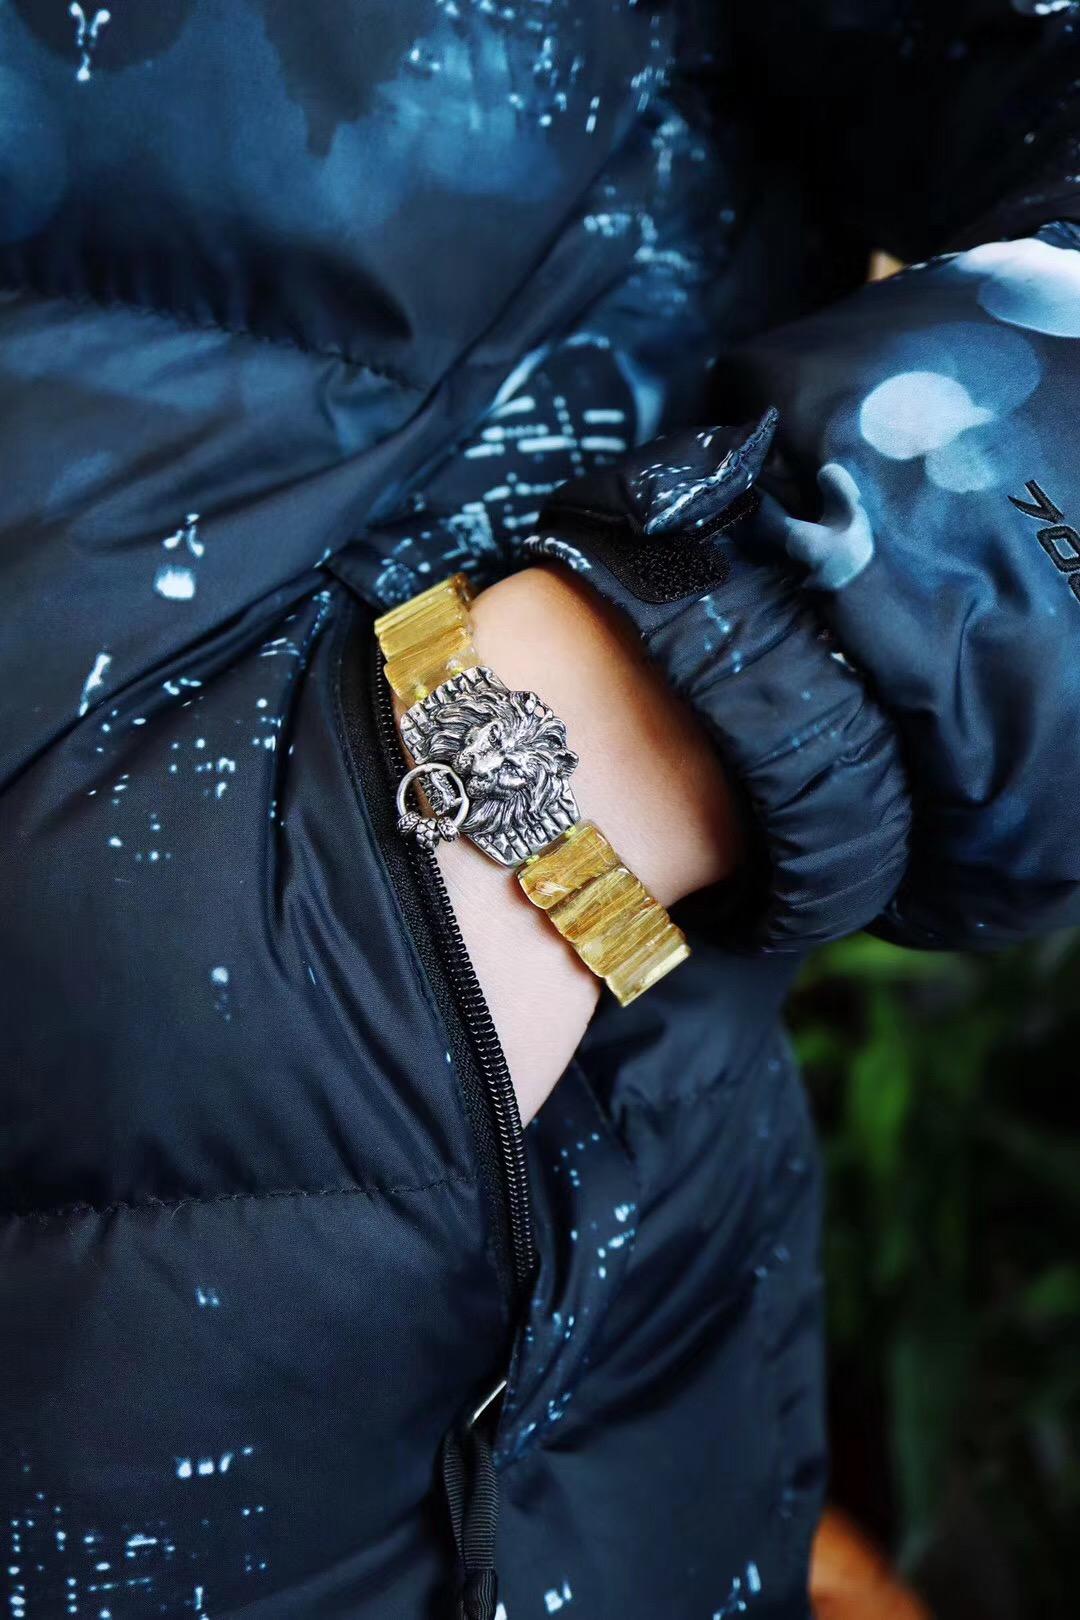 【钛晶手牌】钛晶,佩戴可增强人的主动性和执行力-菩心晶舍